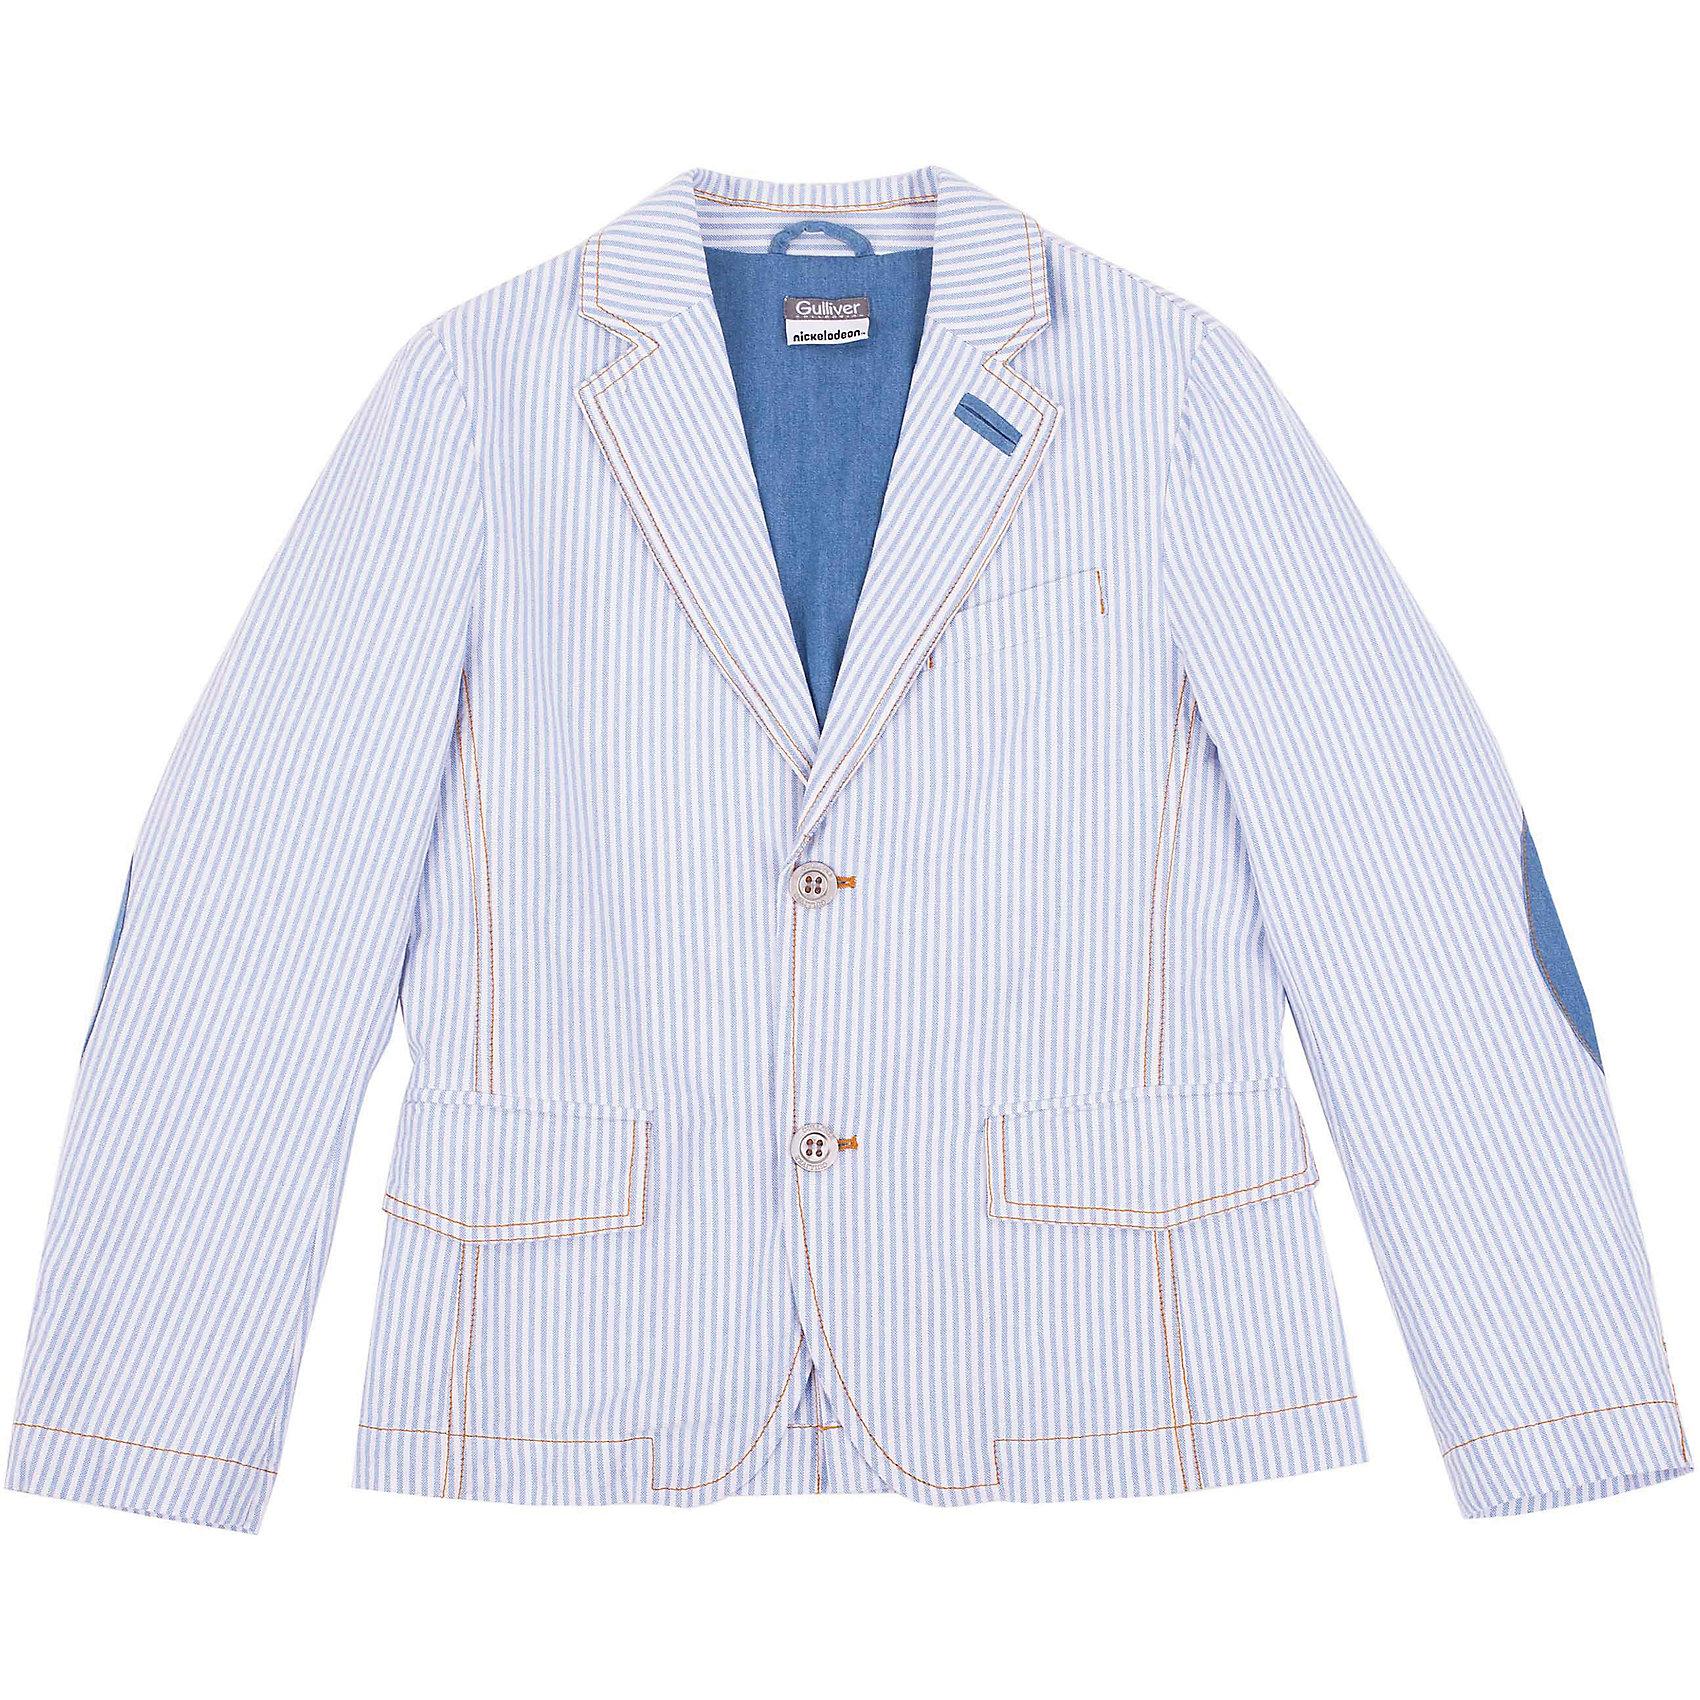 Пиджак для мальчика GulliverШикарный пиджак в полоску превратит любого озорника и непоседу в настоящего джентльмена. Модный пиджак из 100% хлопка в полоску - непременный атрибут элегантного детского гардероба! Идеальная форма, правильная посадка на фигуре, выразительные детали, а также красивая внутренняя обработка изделия, делают пиджак элегантным и изысканным. При этом, ребенок в нем будет чувствовать себя абсолютно свободно и непринужденно! Стильный пиджак для мальчика подчеркнет индивидуальность и сделает любой комплект в стиле casual ярким и запоминающимся!<br>Состав:<br>100% хлопок<br><br>Ширина мм: 356<br>Глубина мм: 10<br>Высота мм: 245<br>Вес г: 519<br>Цвет: белый<br>Возраст от месяцев: 72<br>Возраст до месяцев: 84<br>Пол: Мужской<br>Возраст: Детский<br>Размер: 122,128,134,140<br>SKU: 4534973